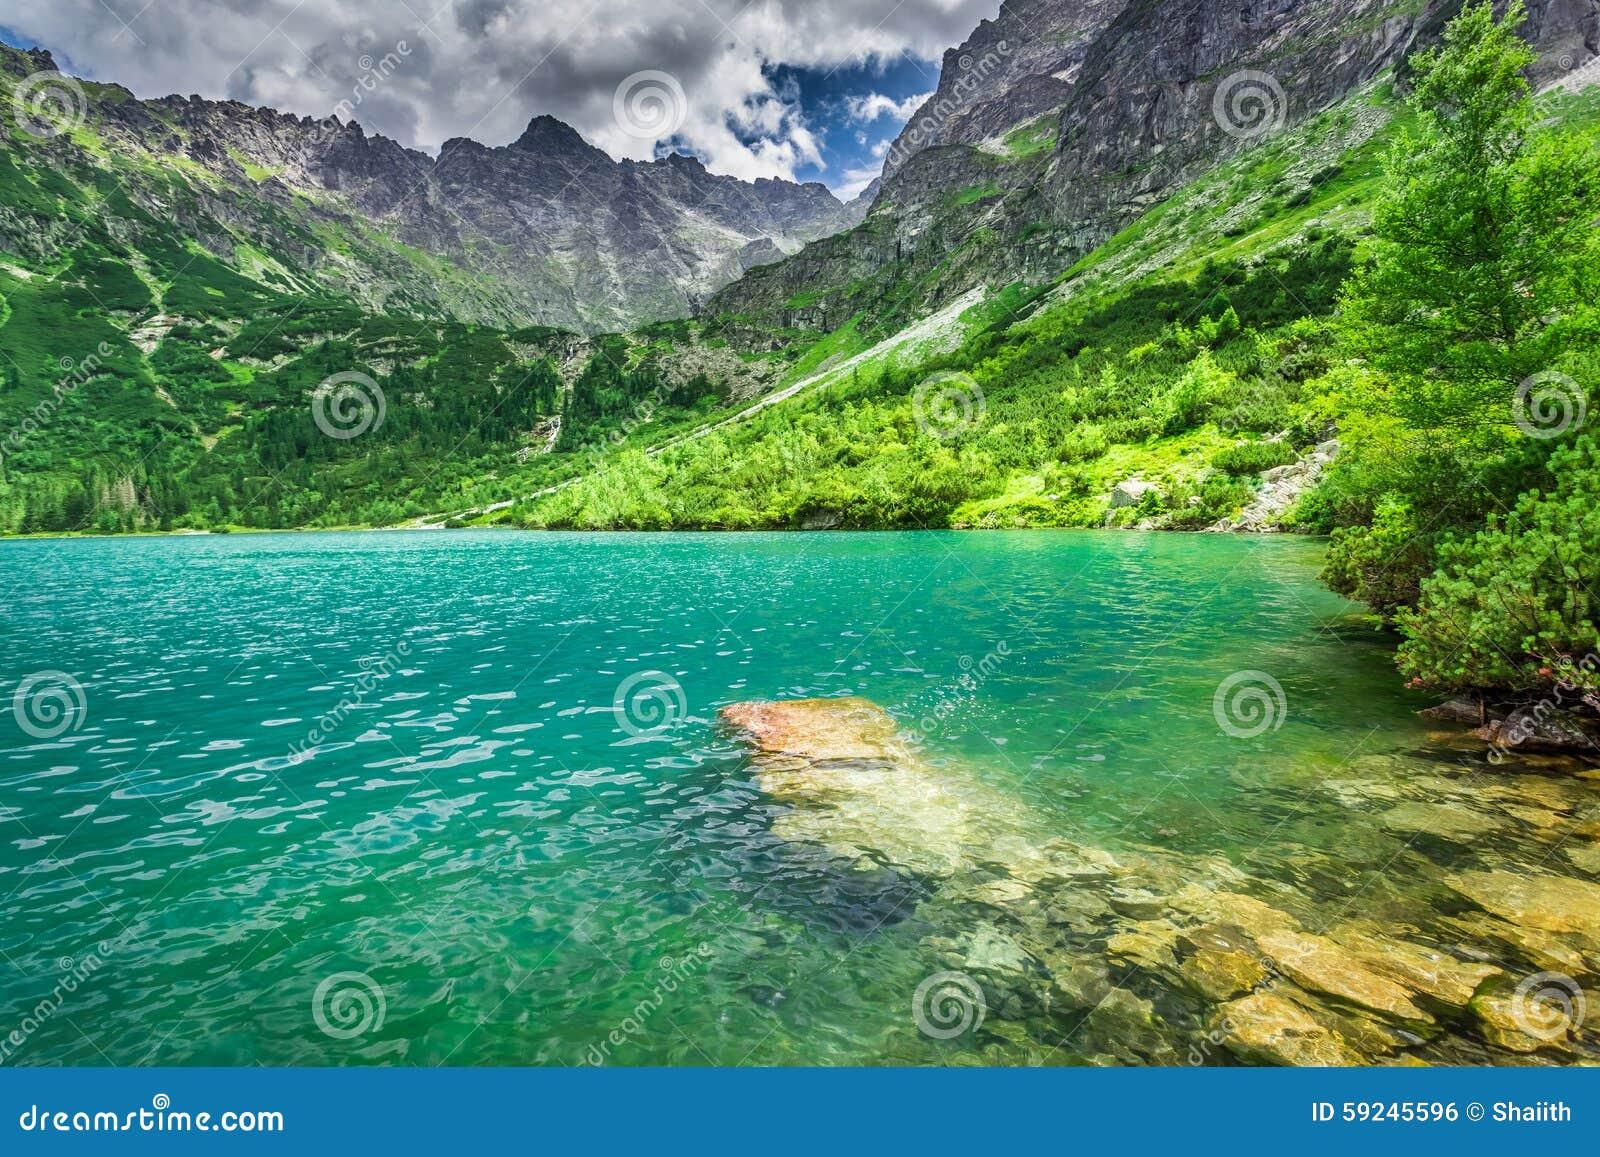 Download Lago Maravilloso En El Medio De Las Montañas En El Verano Foto de archivo - Imagen de pulimento, agua: 59245596